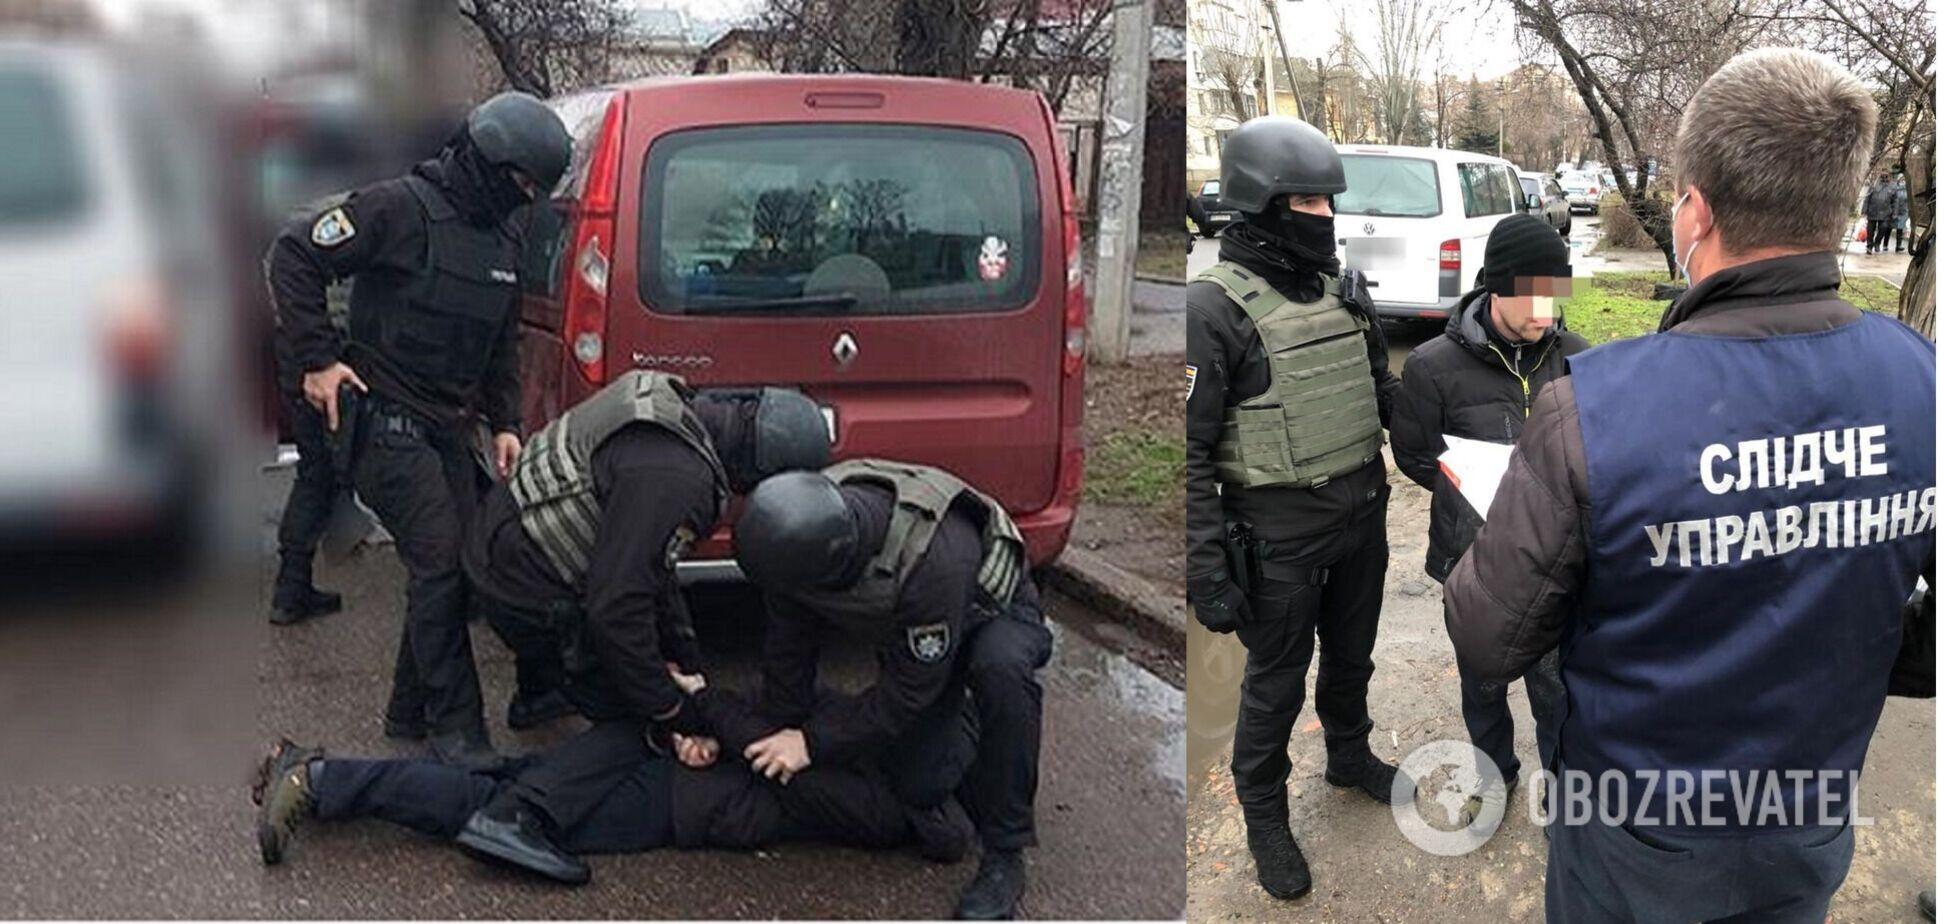 У Миколаєві таксист убив жінку в її квартирі і забрав 6 тис. грн – МВС